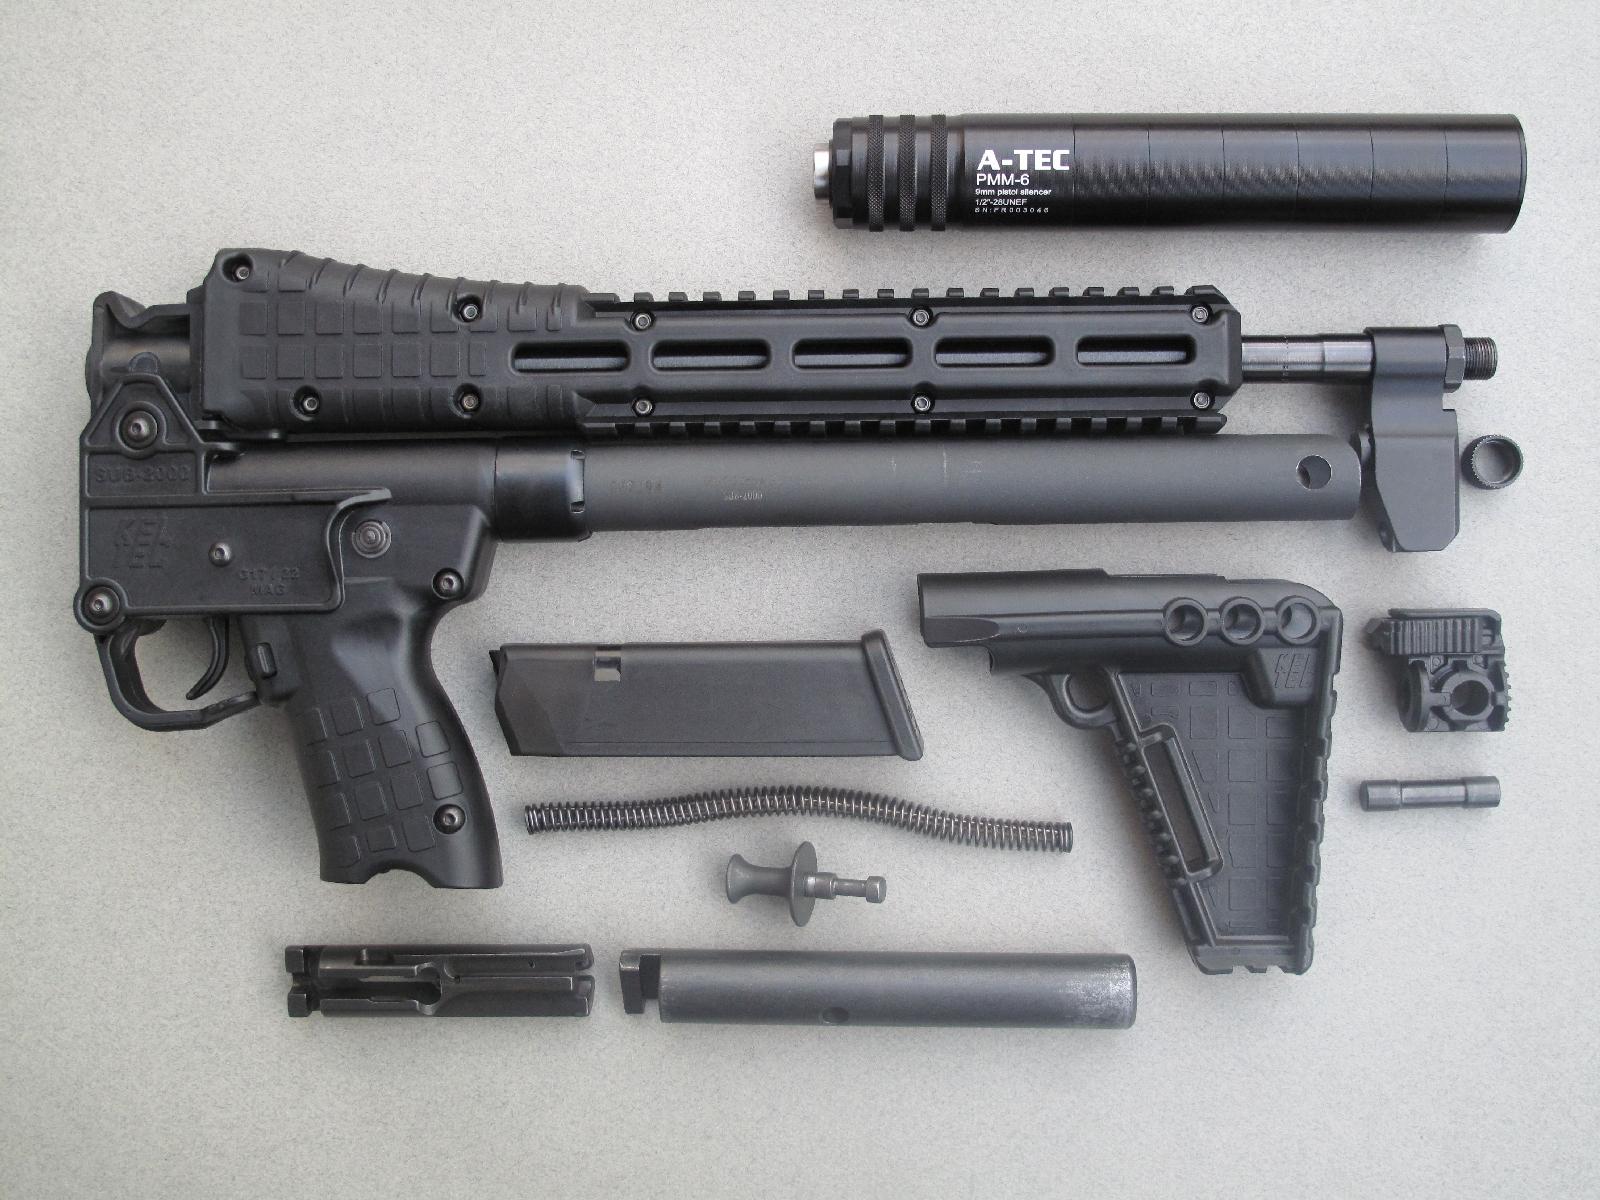 Le démontage sommaire de cette carabine ne présente pas de difficulté particulière et peut être effectué sans outil.